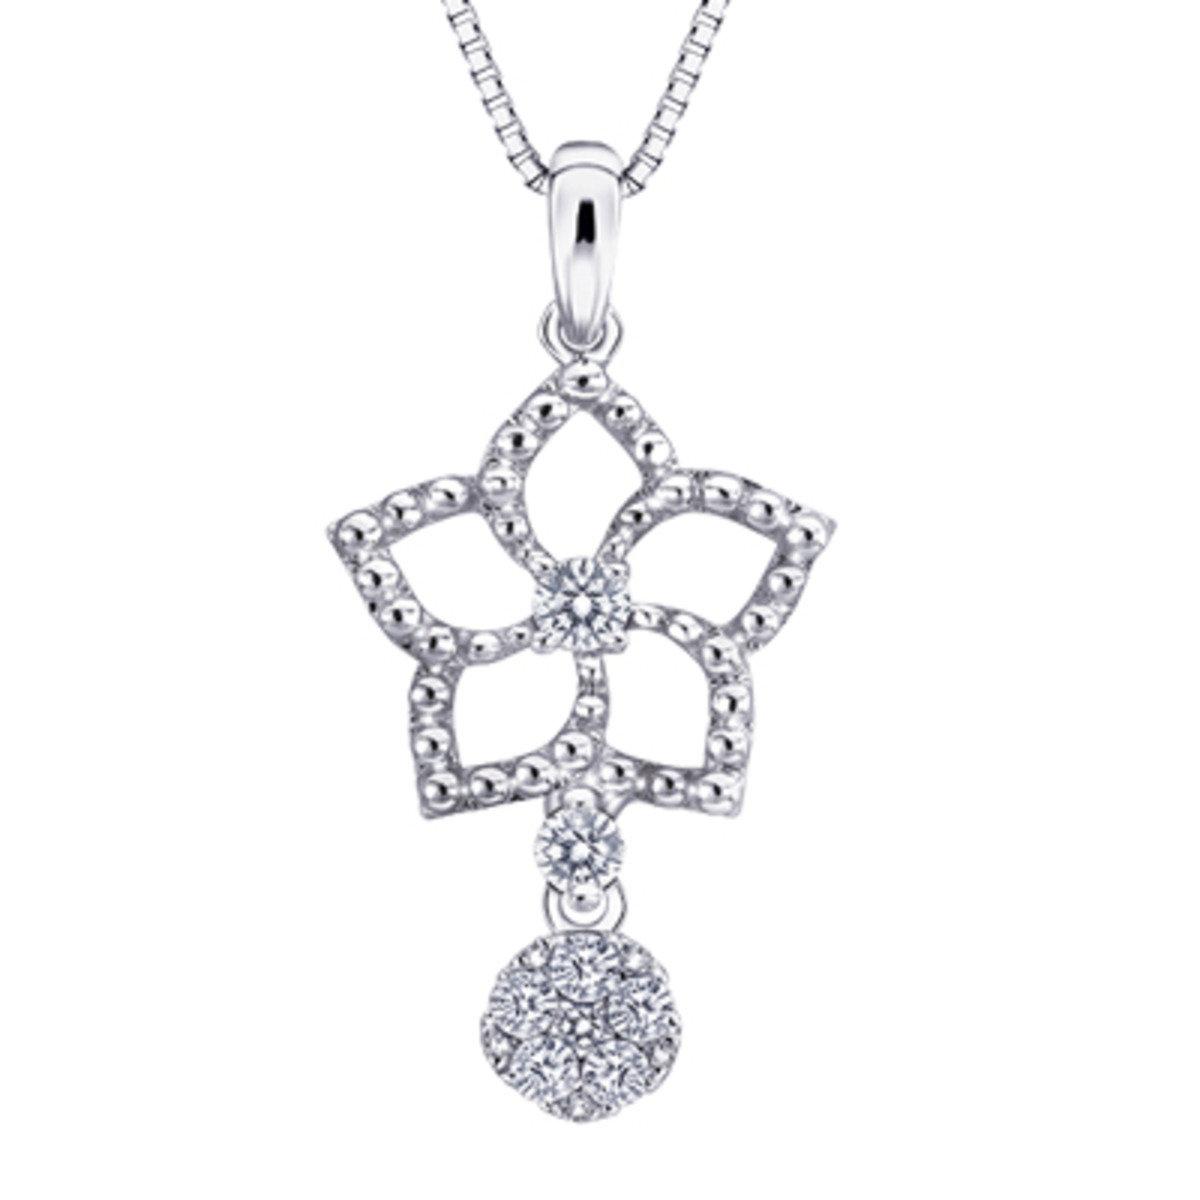 18K/750 白色黃金星星花形鑽石鑲嵌吊墜 (此吊墜不包括項鍊)